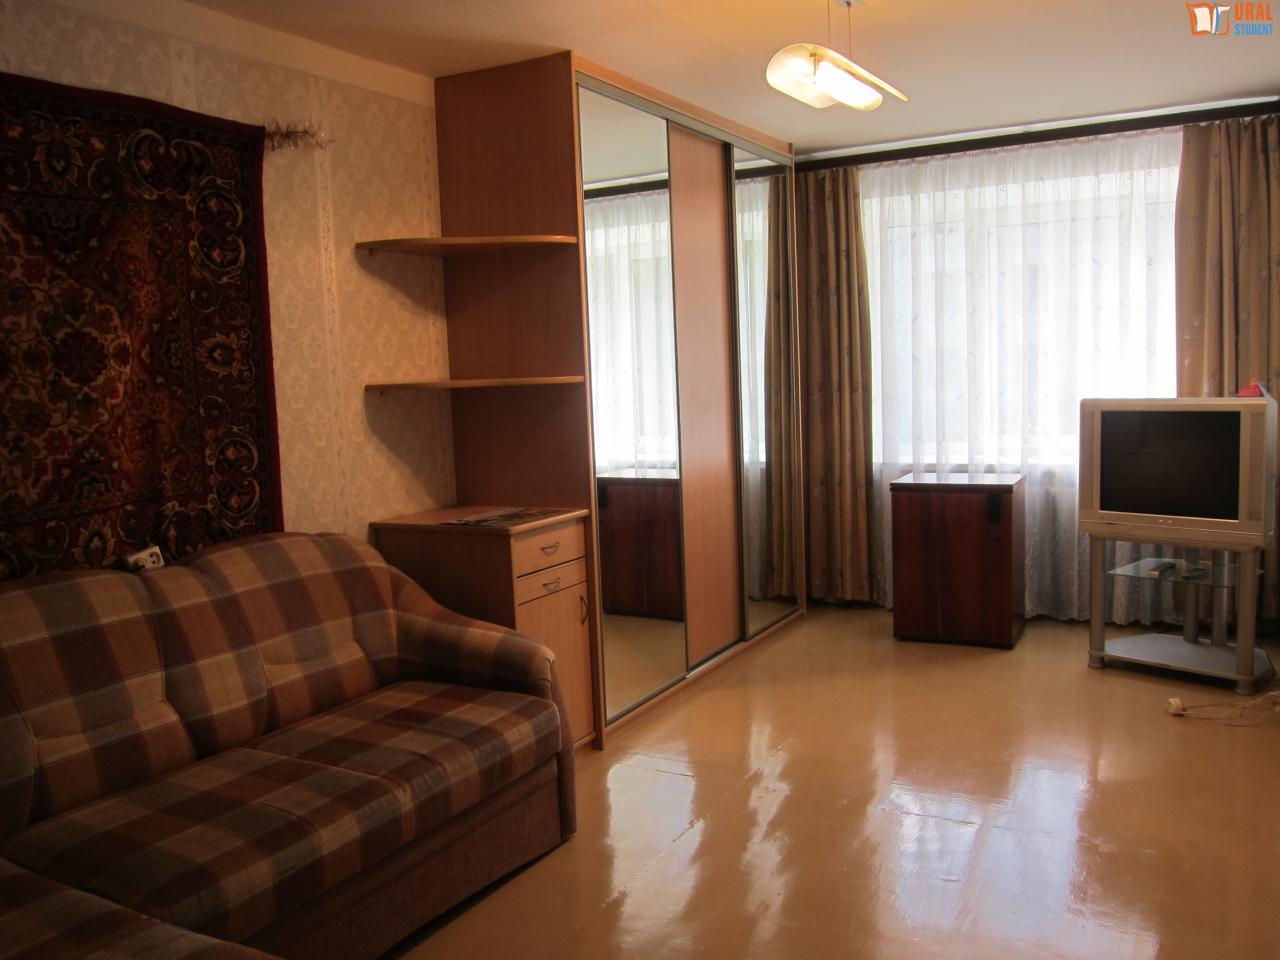 Покупка недвижимости в испании до 50 000